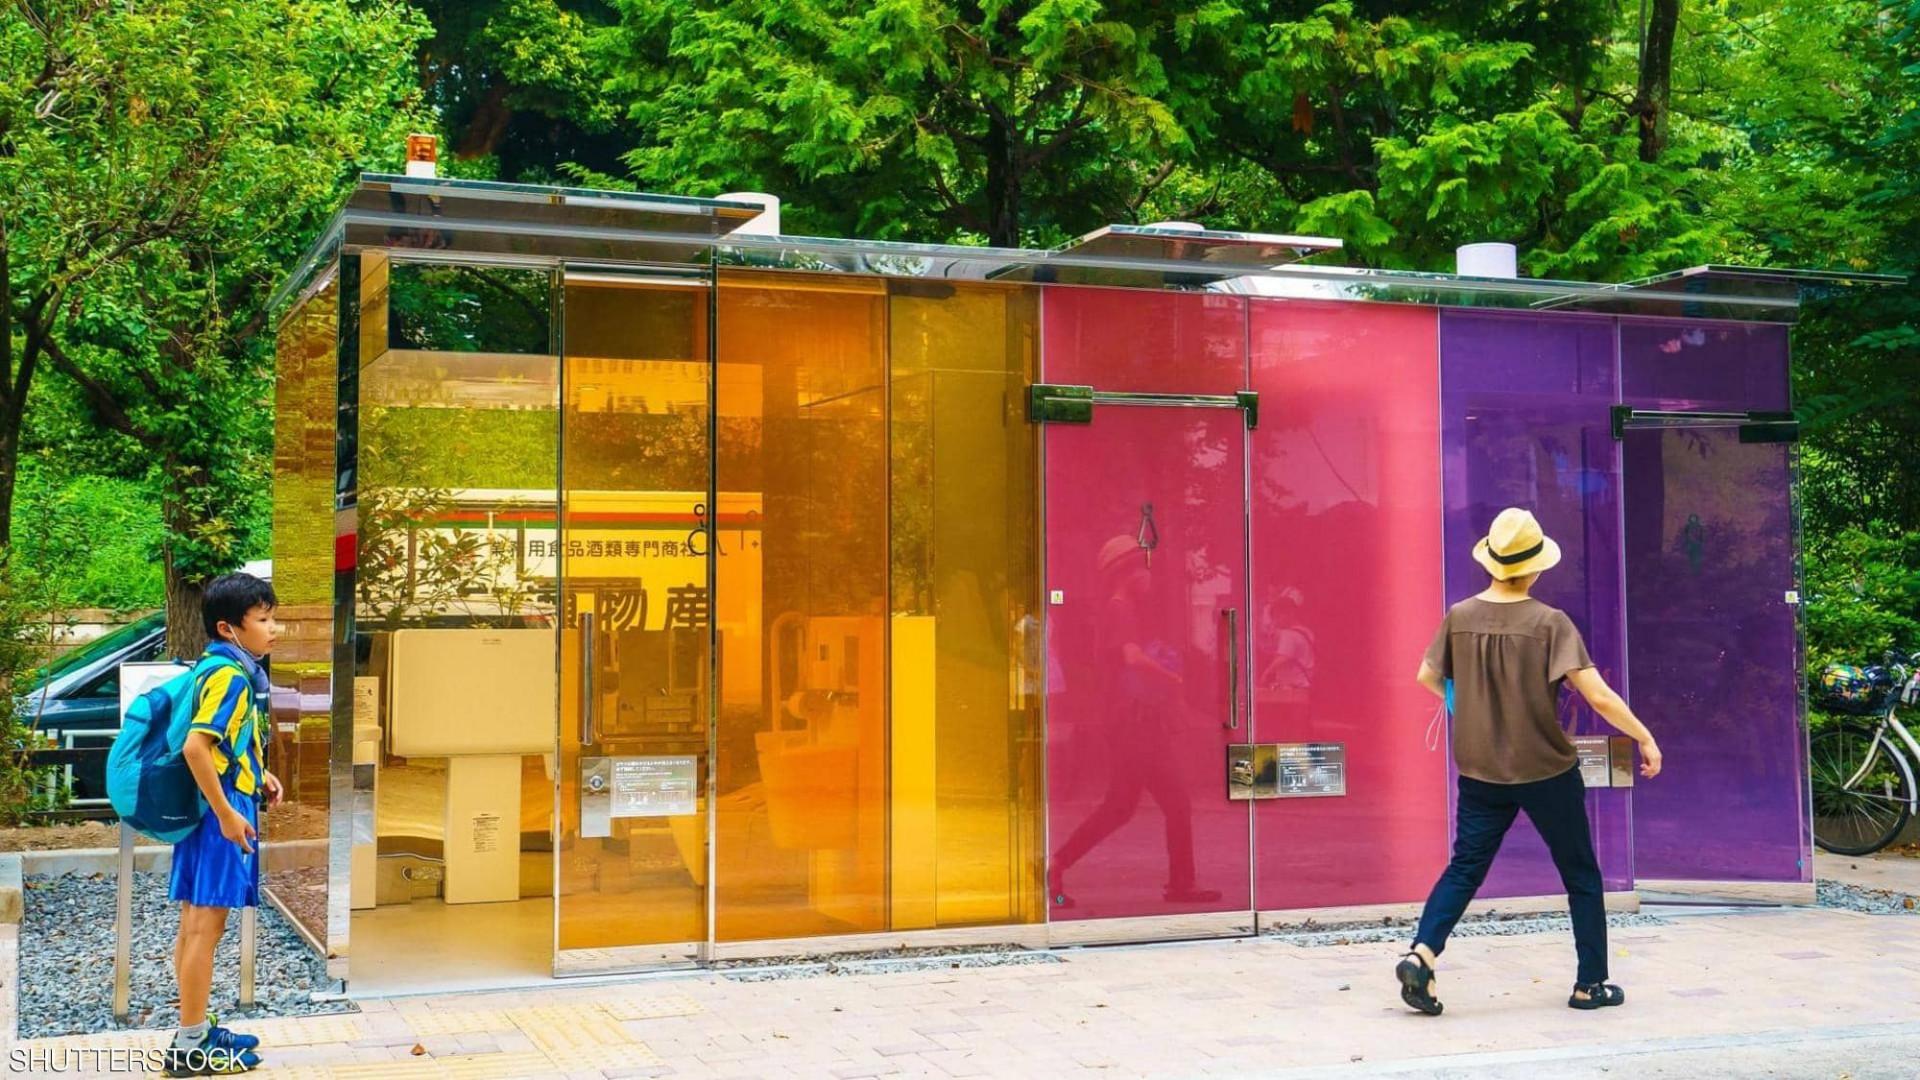 """غرائب اليابان.. حمامات شفافة بـ""""زجاج ذكي"""" في حدائق عامة"""